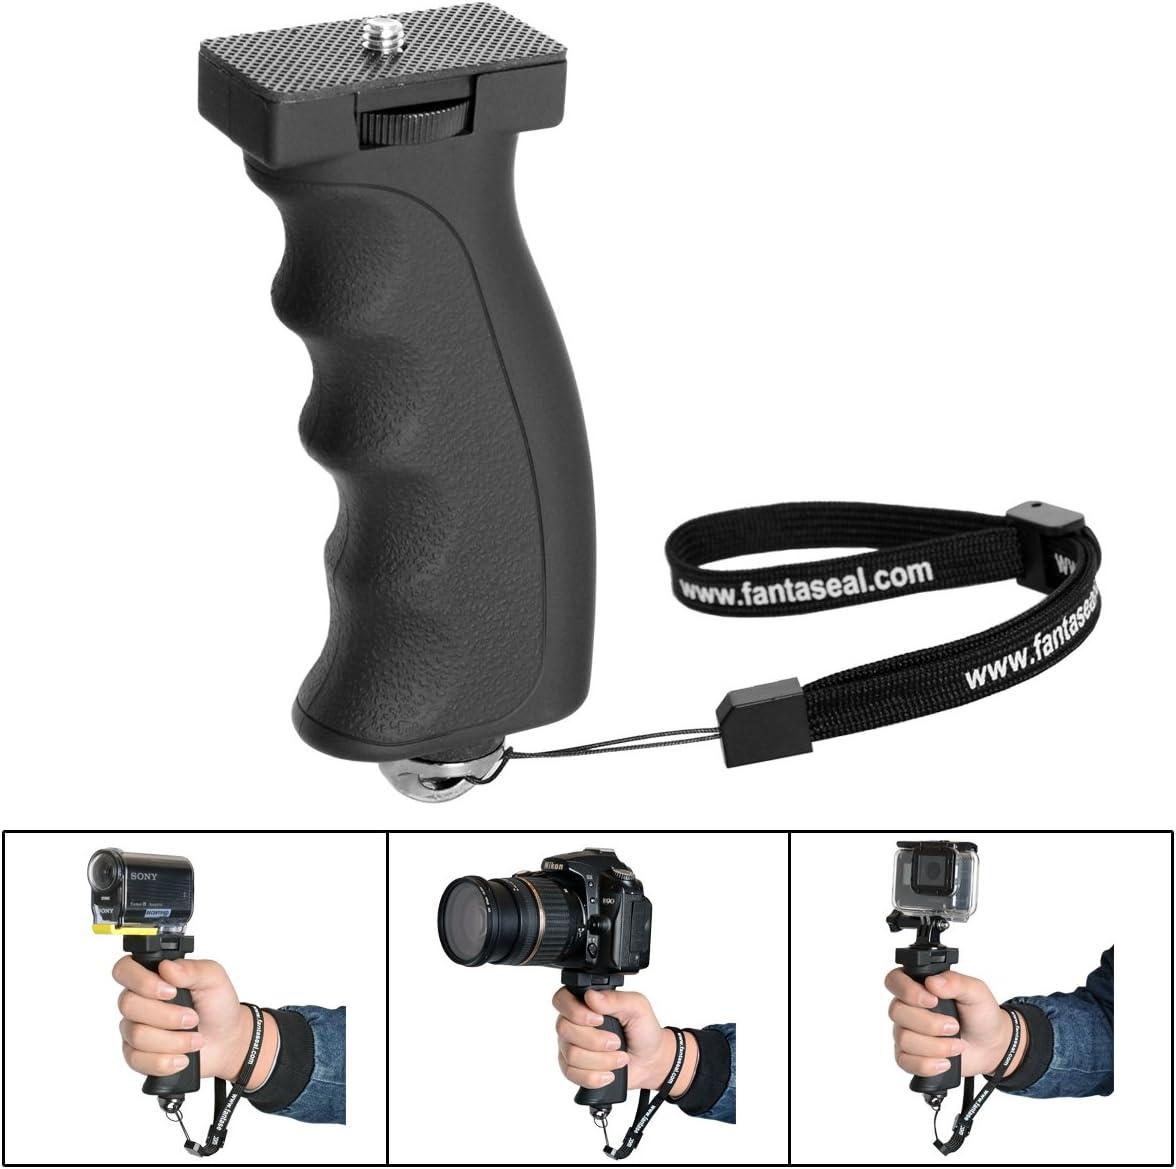 fantaseal Ergonomic Camera Grip Hand Camcorder DSLR New color Mount Recommendation